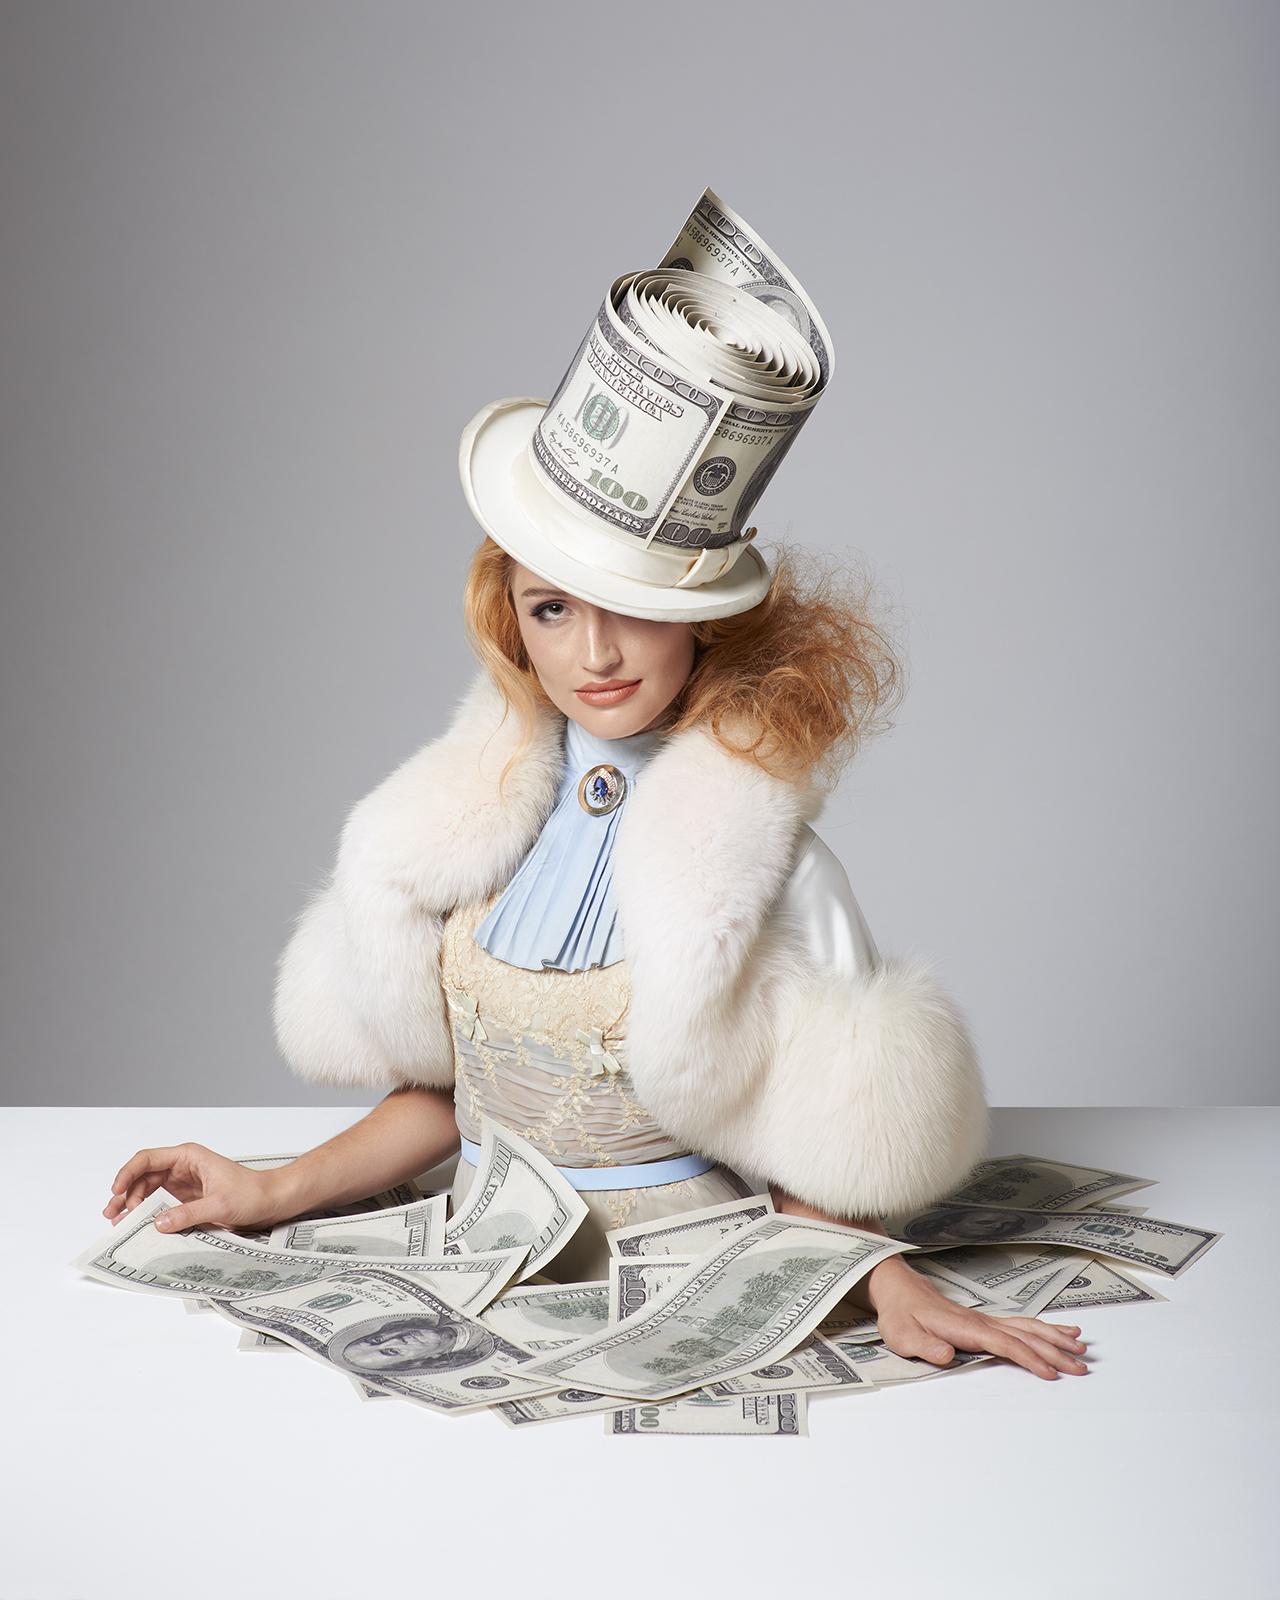 HBR_Fashion_Money.jpg